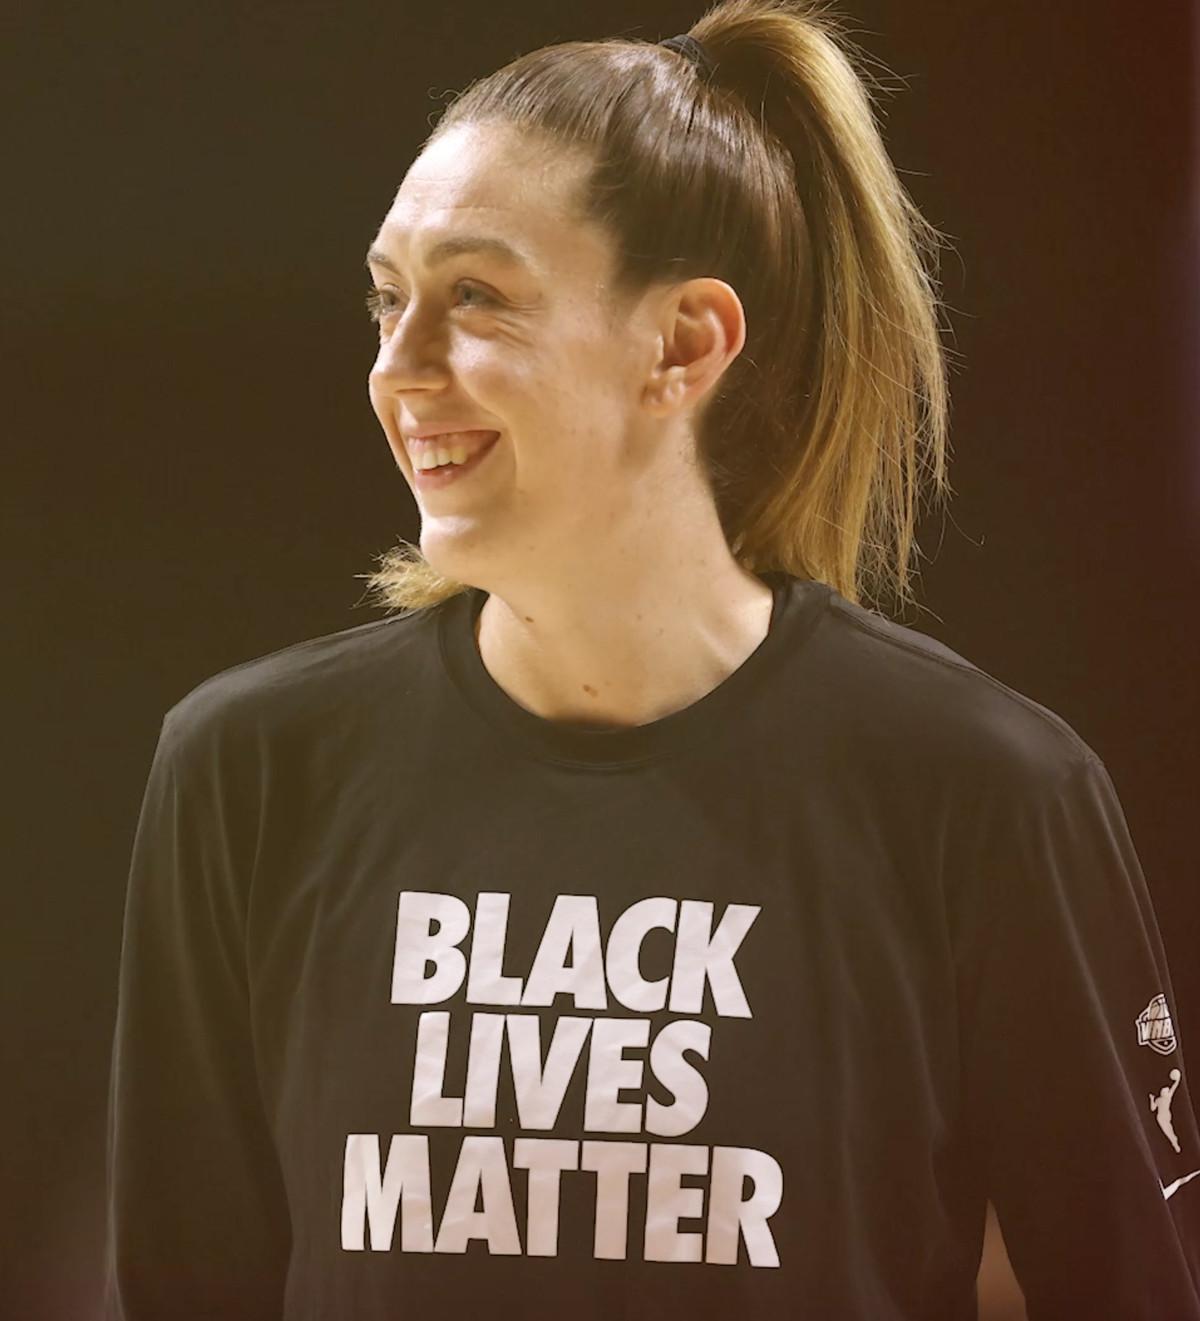 Breanna Stewart wore a Black Lives Matter shirt.